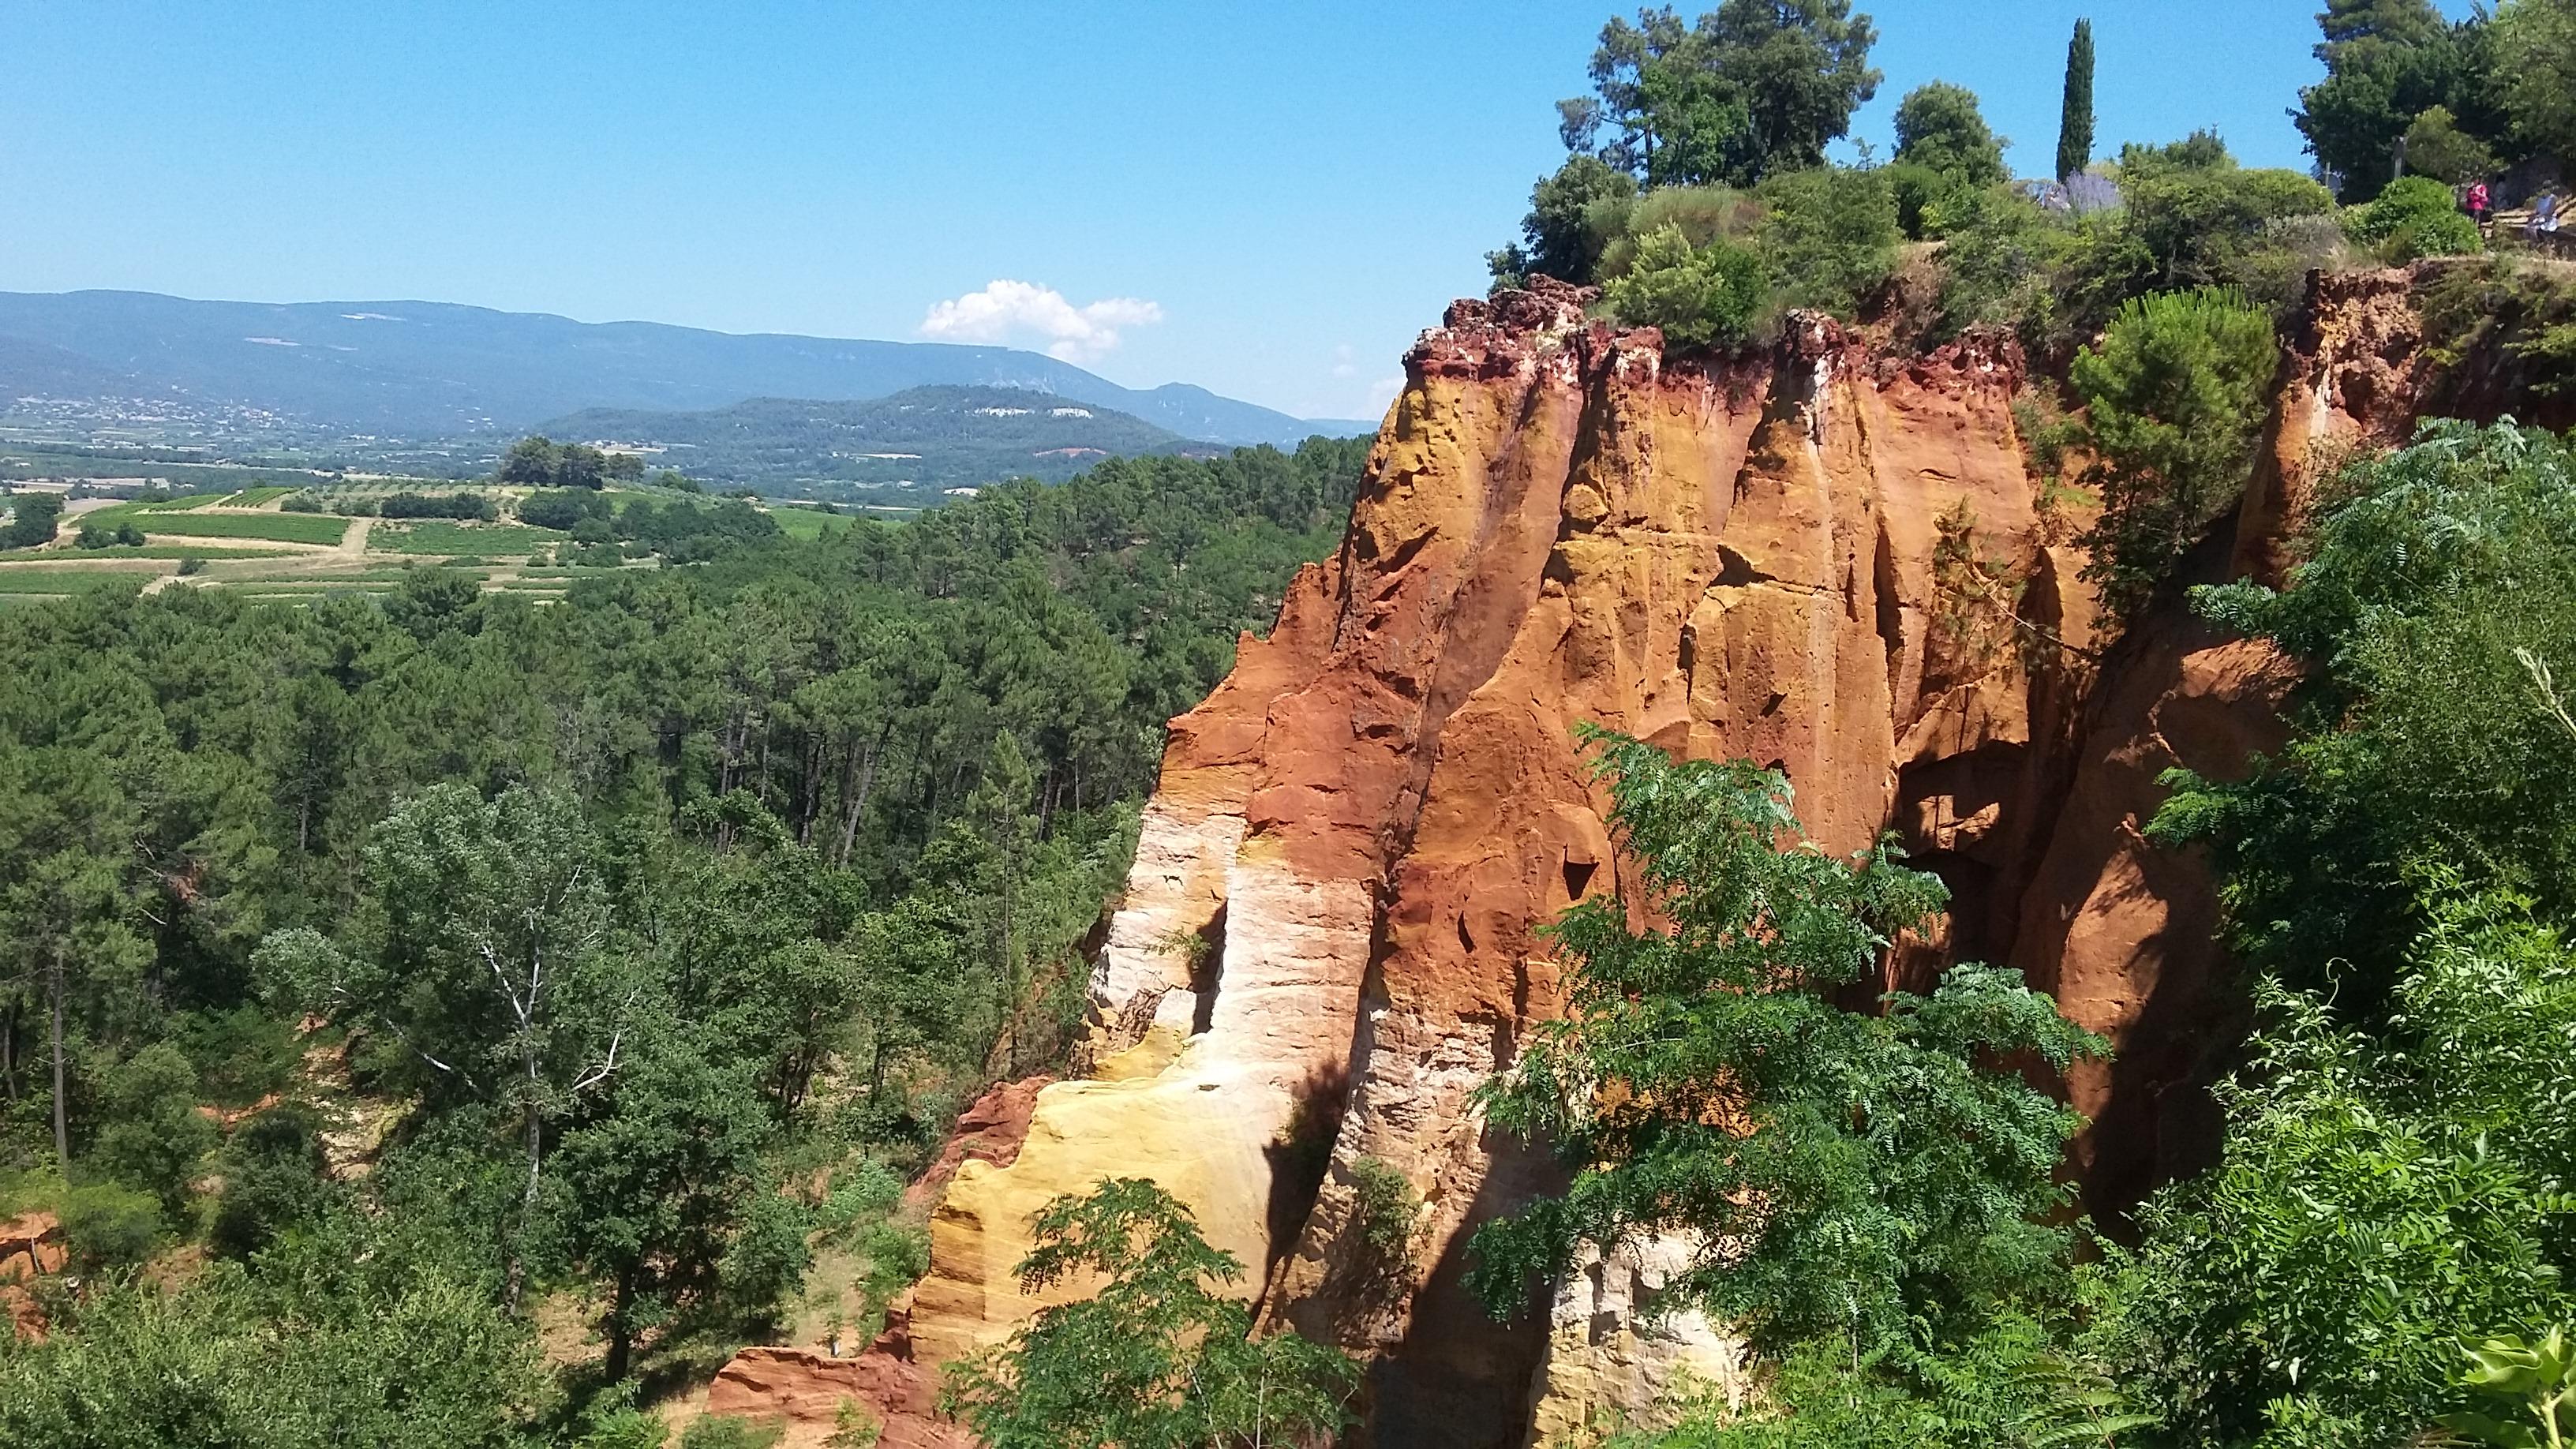 Falaise d'ocre à Roussillon